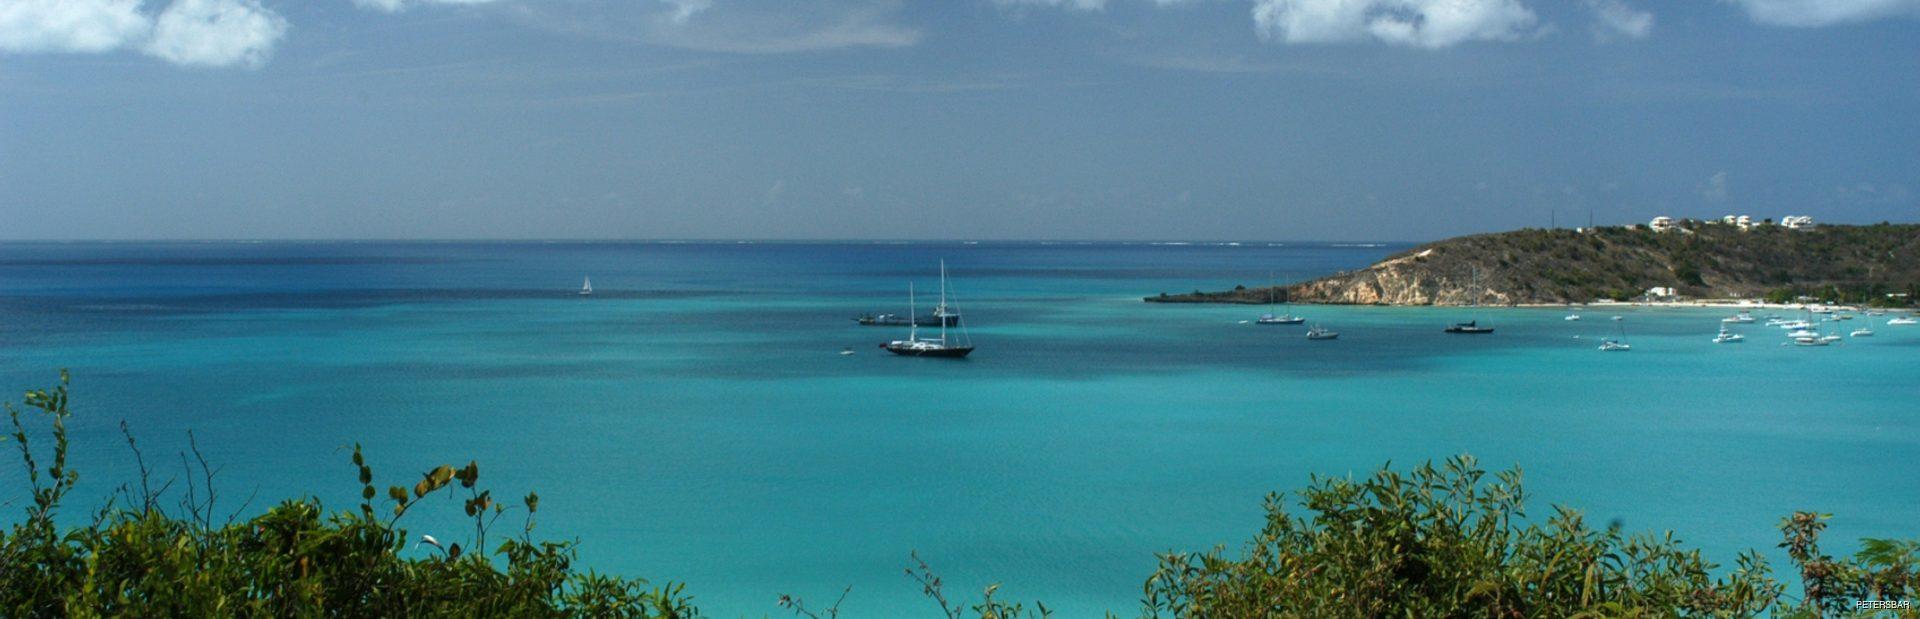 Anguilla guide